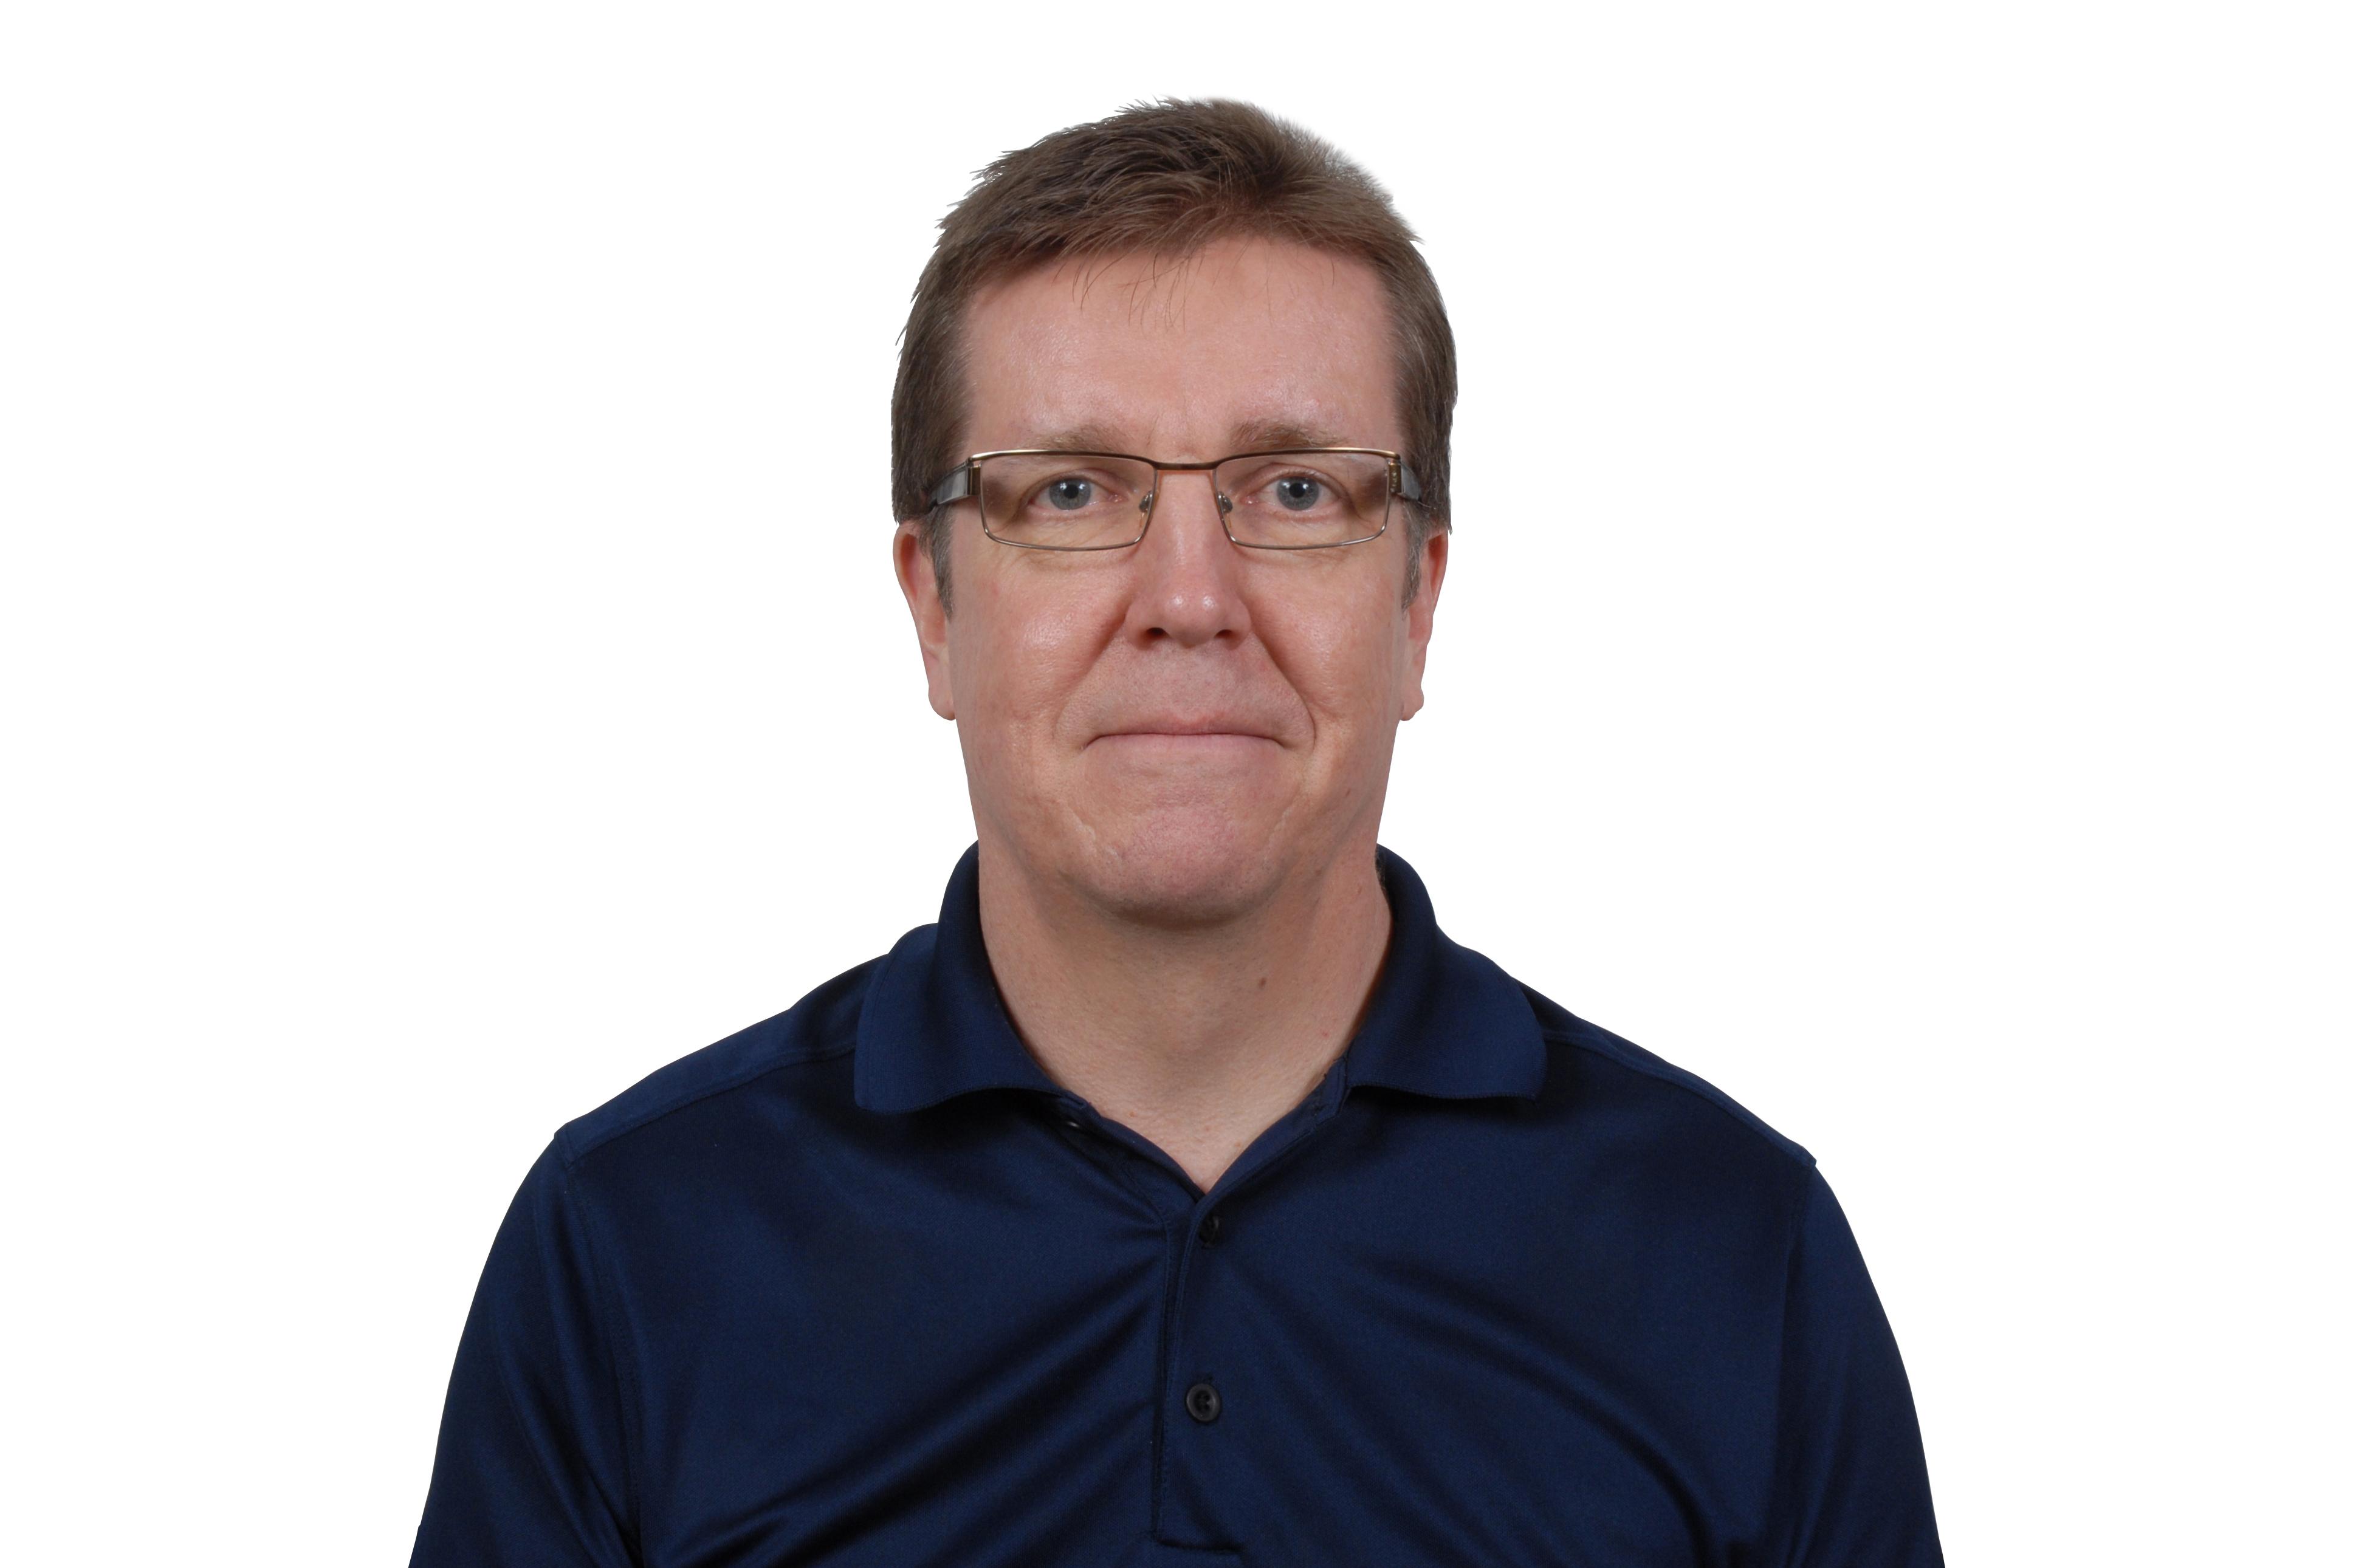 Ulf Carlsson (bilden), v�lk�nd fr�n Bewator, har hittat tillbaka till passerkontrollmarknaden via nya jobbet p� RCO. �ven Jouni M�ntyl�, fr�n Swesafe, har anslutit sig till RCO-teamet fr�n och med den 10 november.